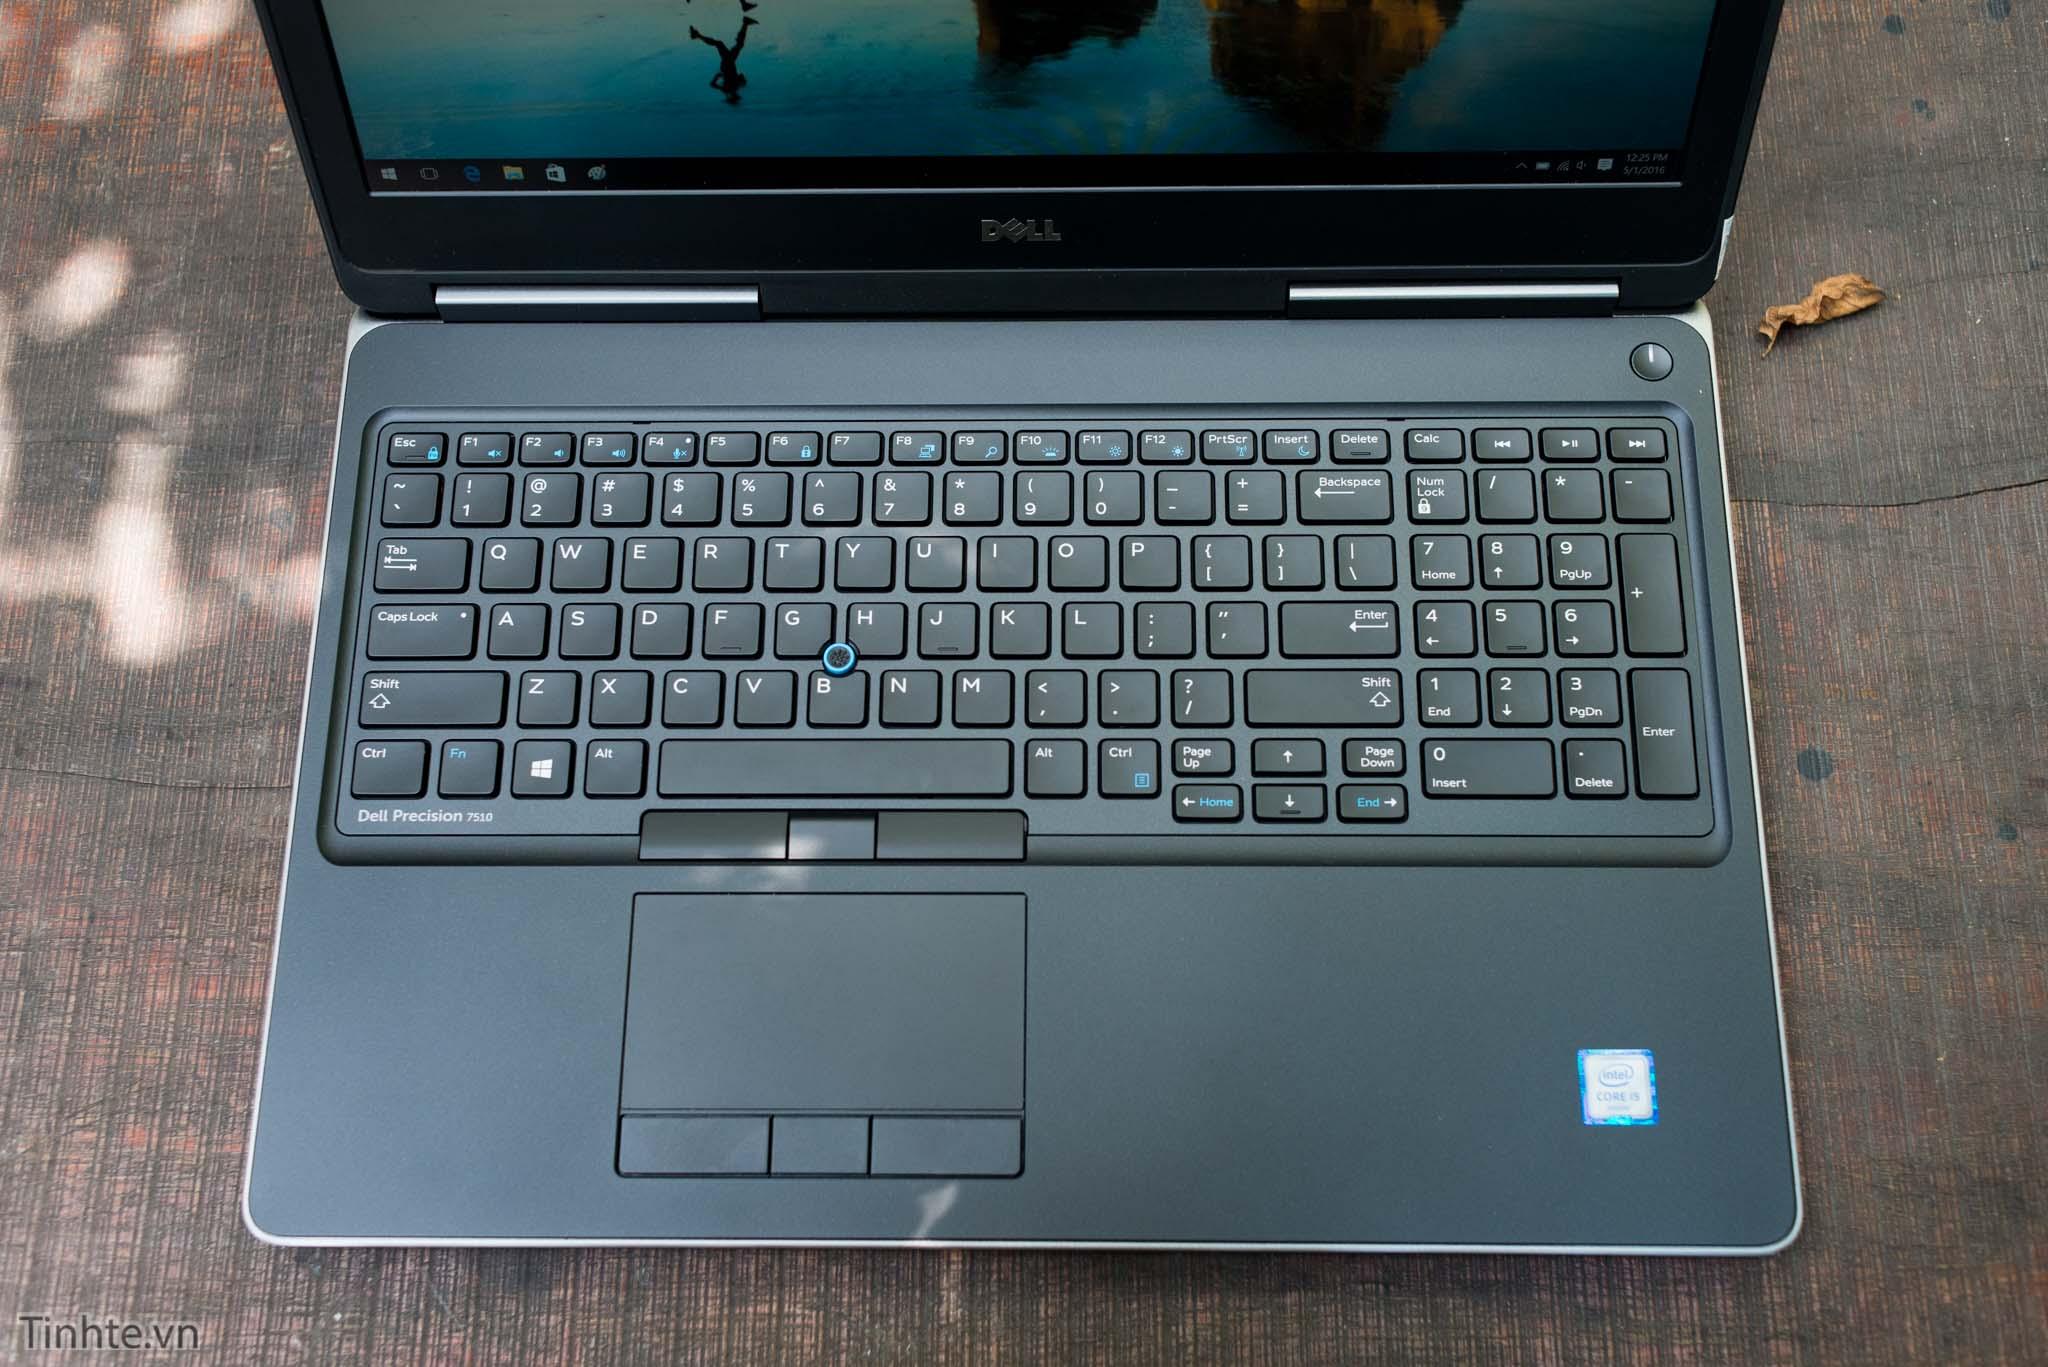 Đang tải Dell 7510_tinhte.vn 11.jpg…